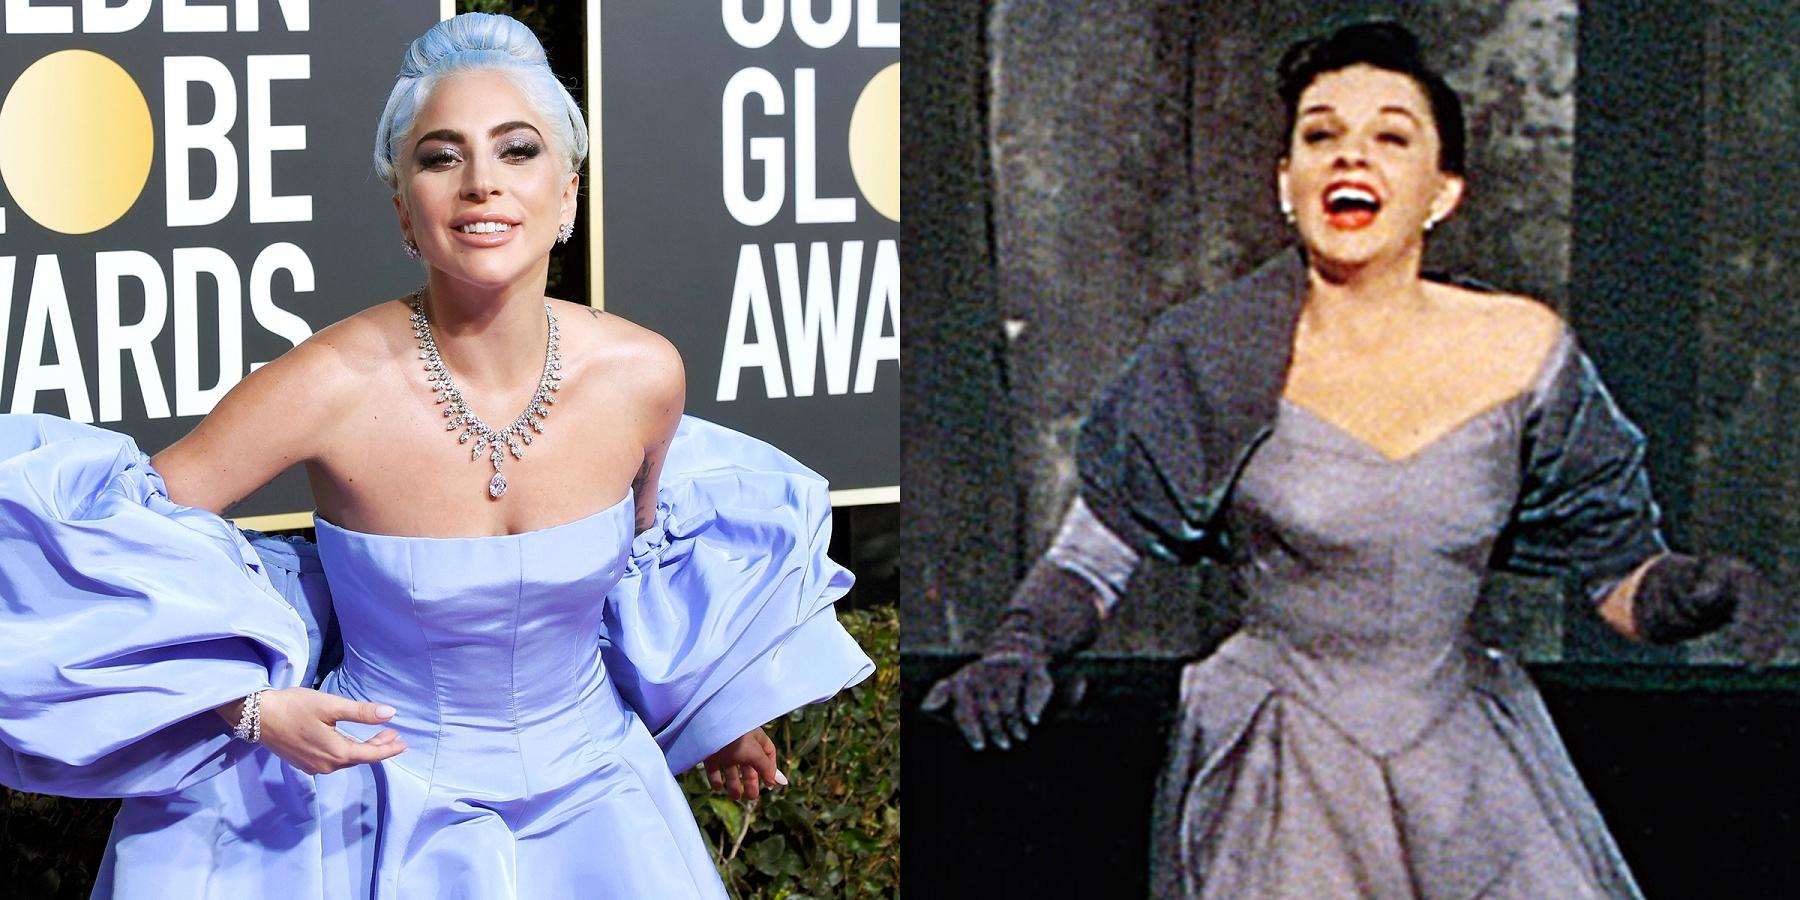 芮妮齊薇格詮釋傳奇女星茱蒂嘉蘭,被視為今年最堅強的奧斯卡影后人選之一女神卡卡(左)坦言是茱蒂嘉蘭(右)的粉絲,連參加金球獎頒獎典禮的服裝都向她致敬